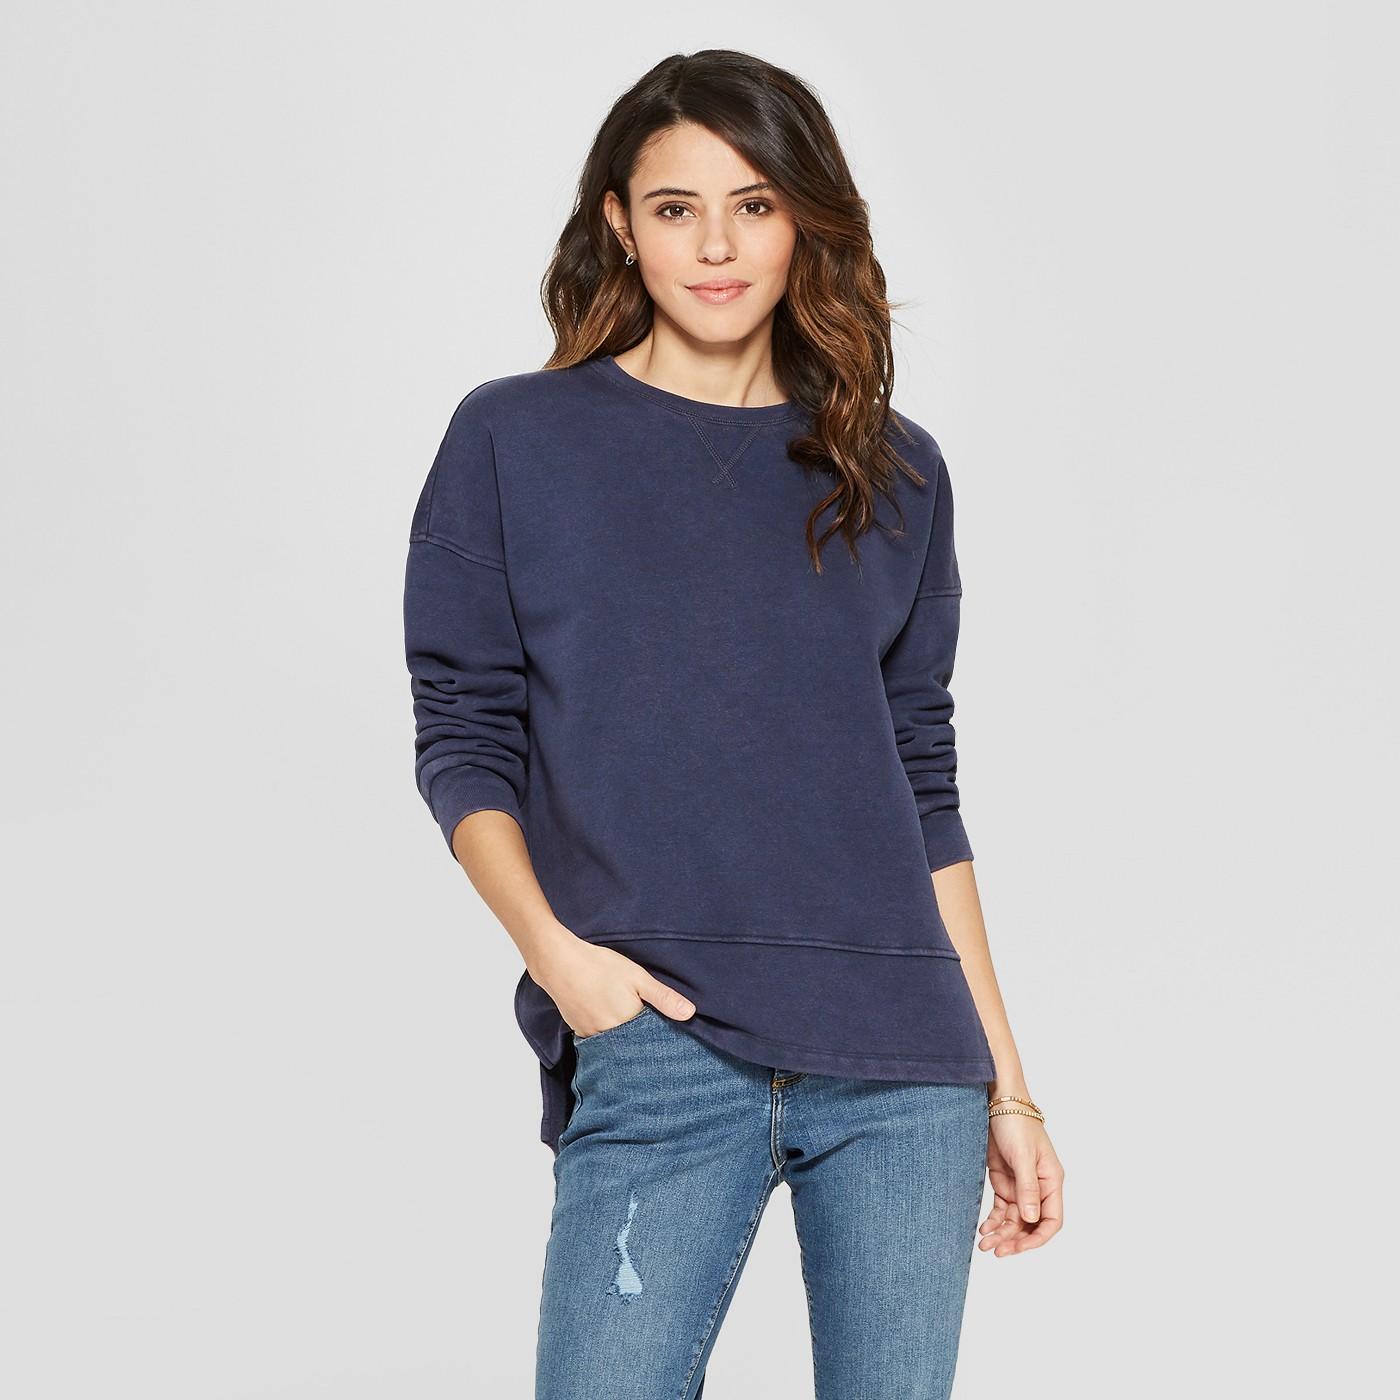 Women's Long Sleeve Tunic Sweatshirt - Universal Thread™ - image 1 of 3